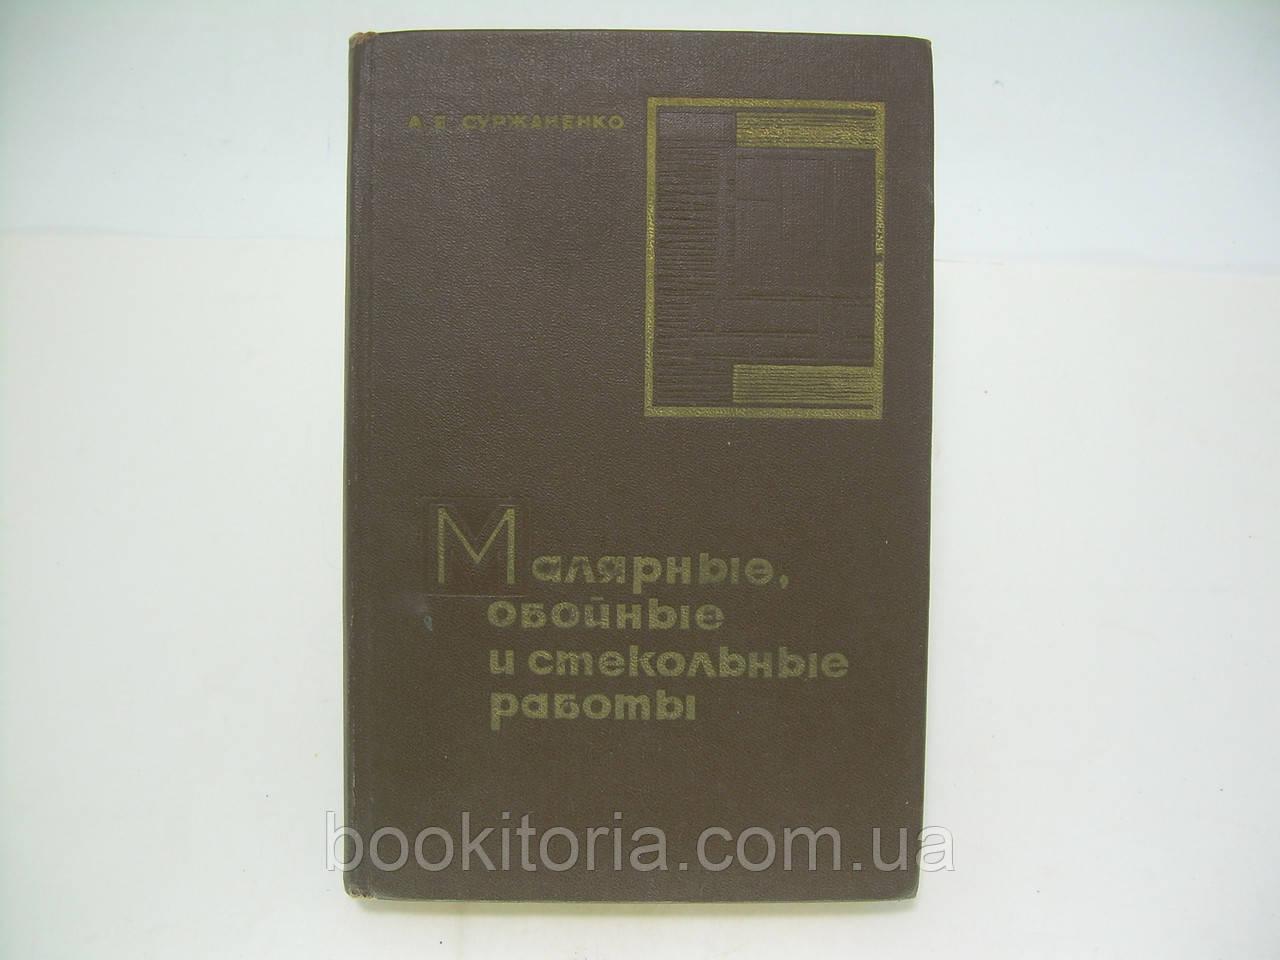 Суржаненко А.Е. Малярные, обойные и стекольные работы (б/у).